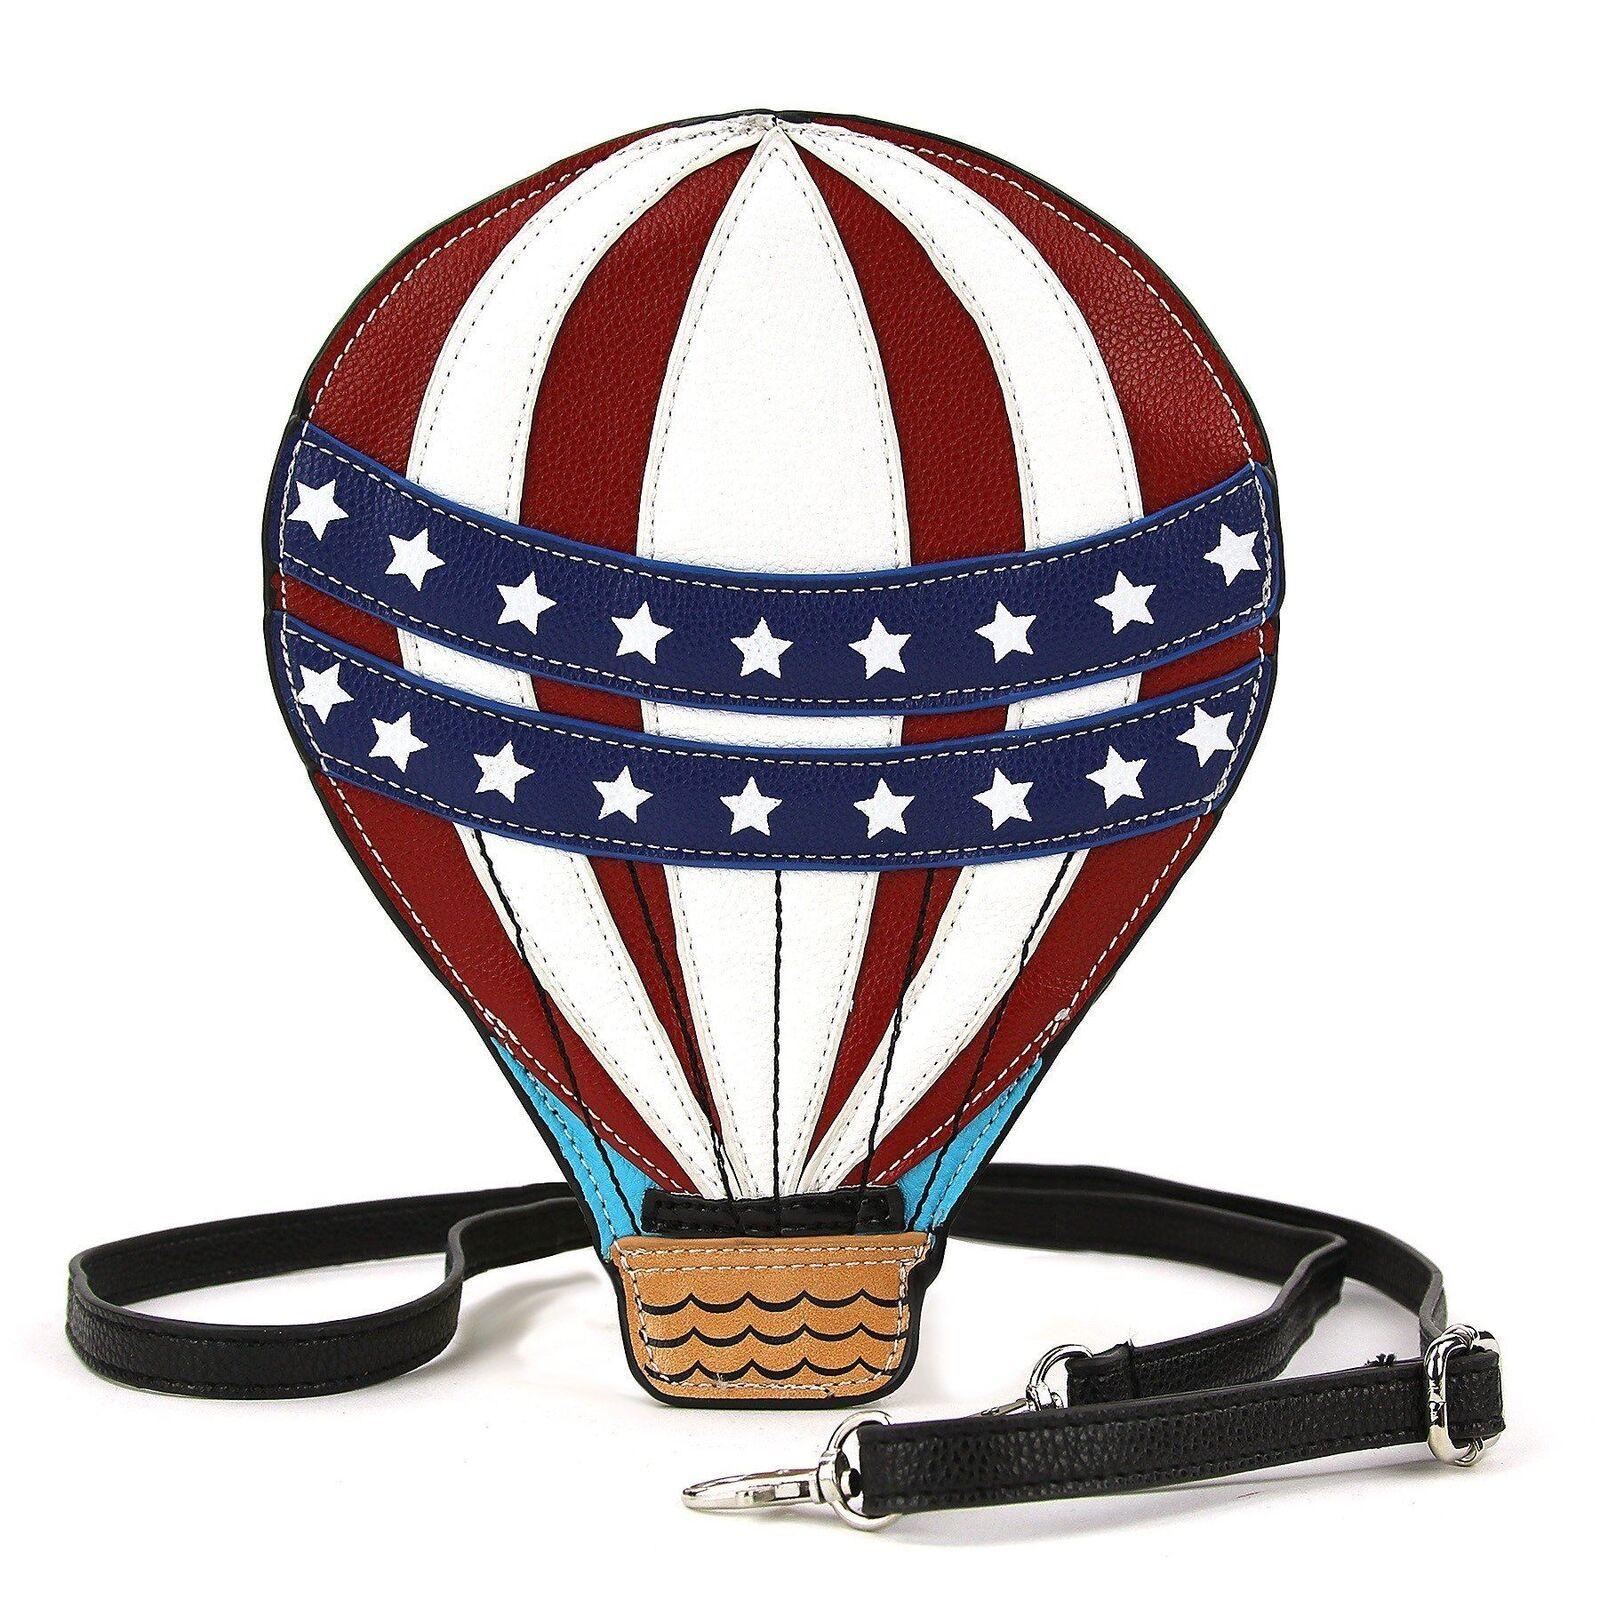 Details about Sleepyville Critters Hot Air Balloon